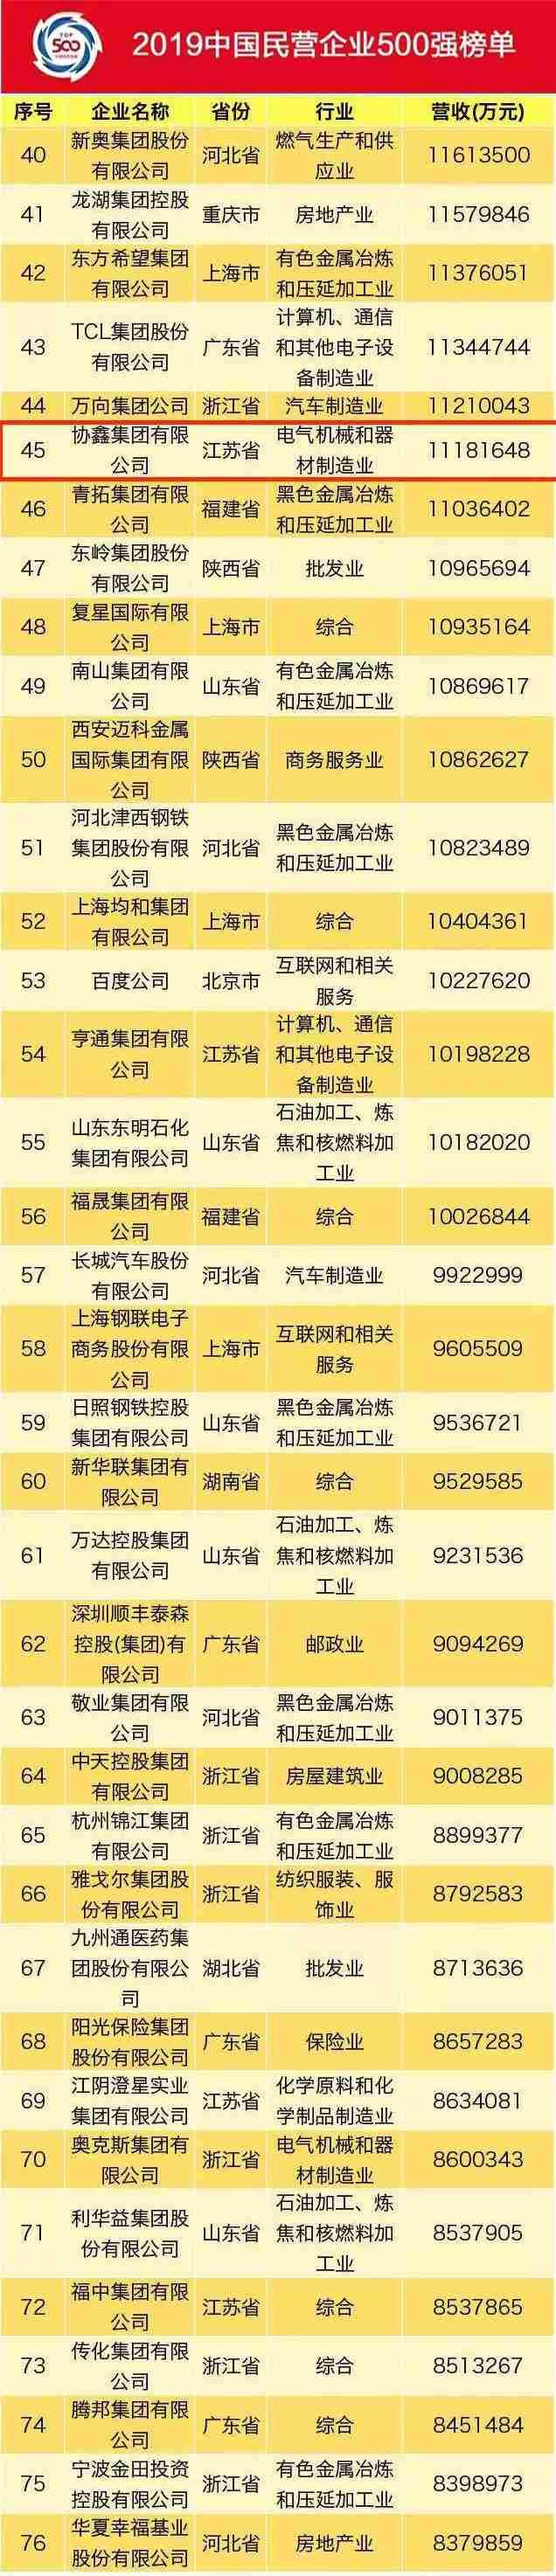 协鑫集团上榜2019中国民企500强暨制造业500强